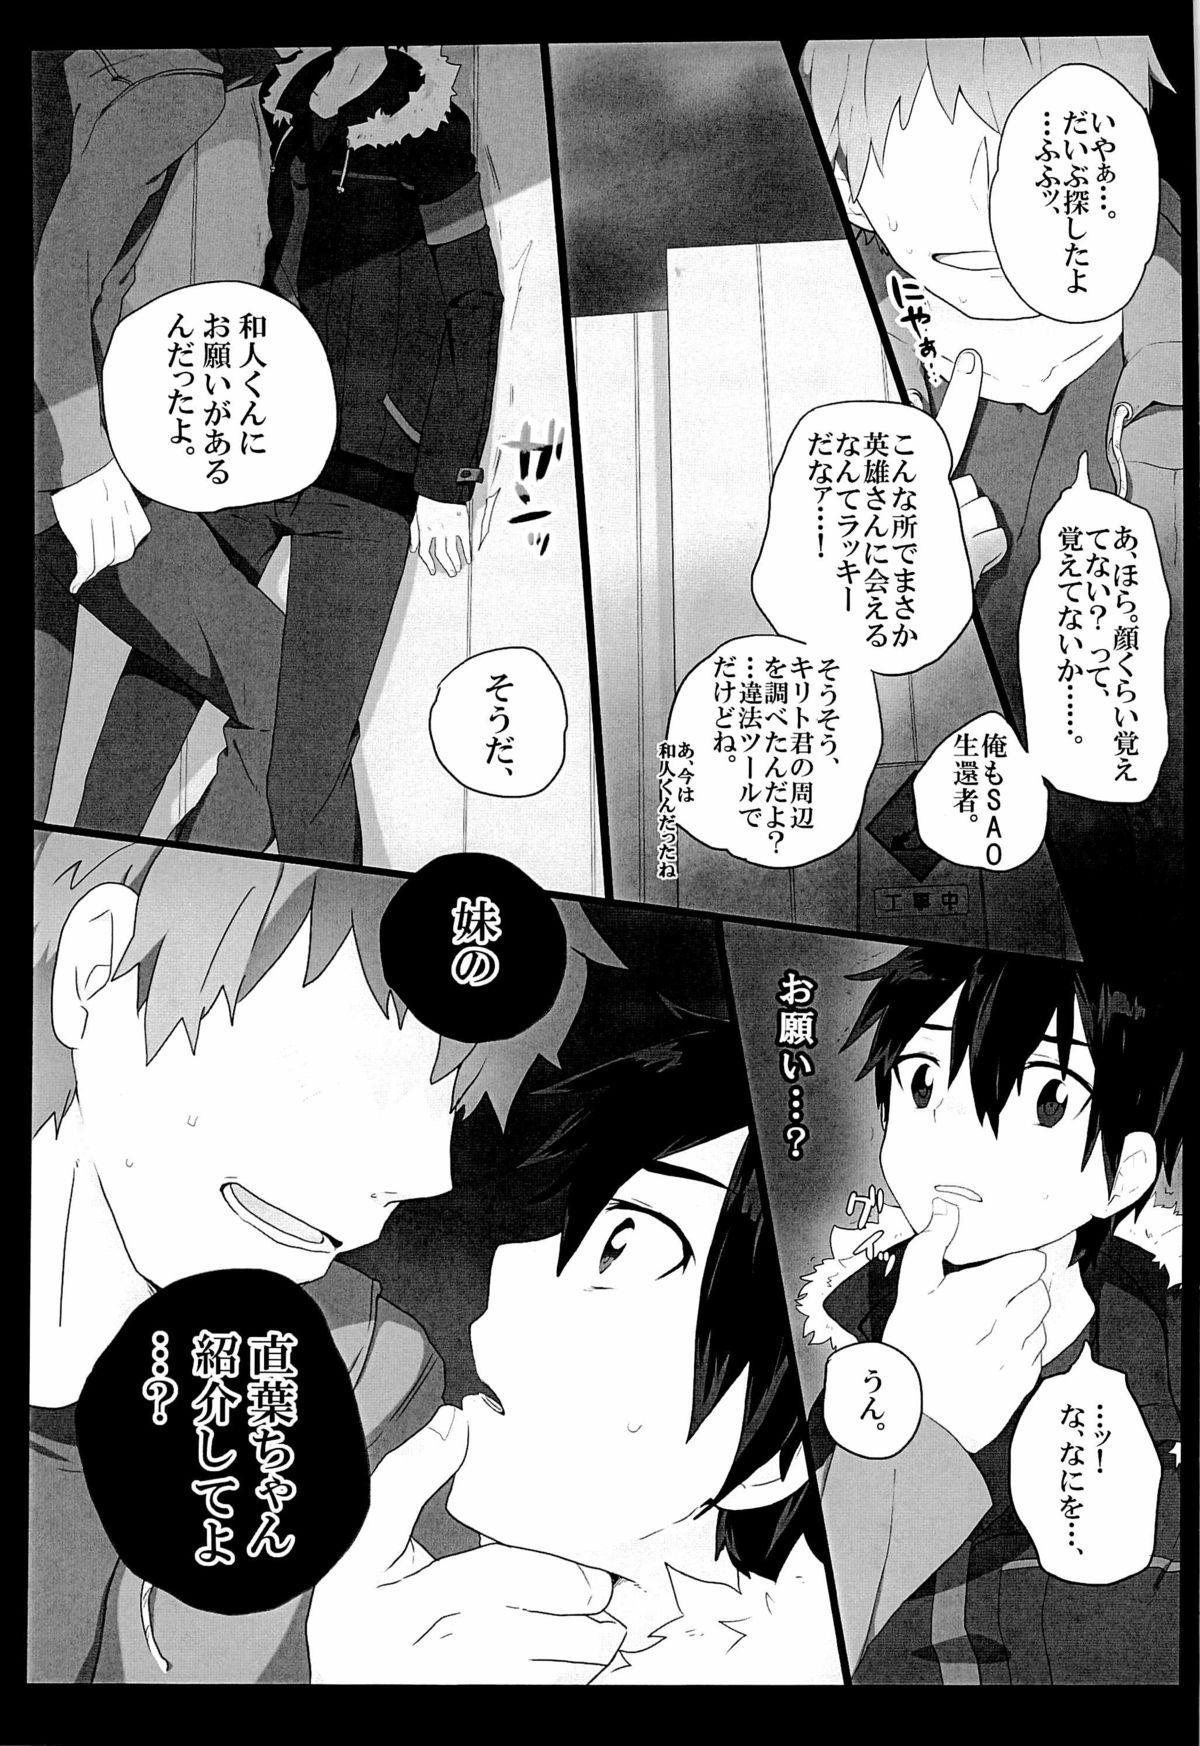 Kuro no Kenshi o Zenryoku de Kouryaku Shitai! 7